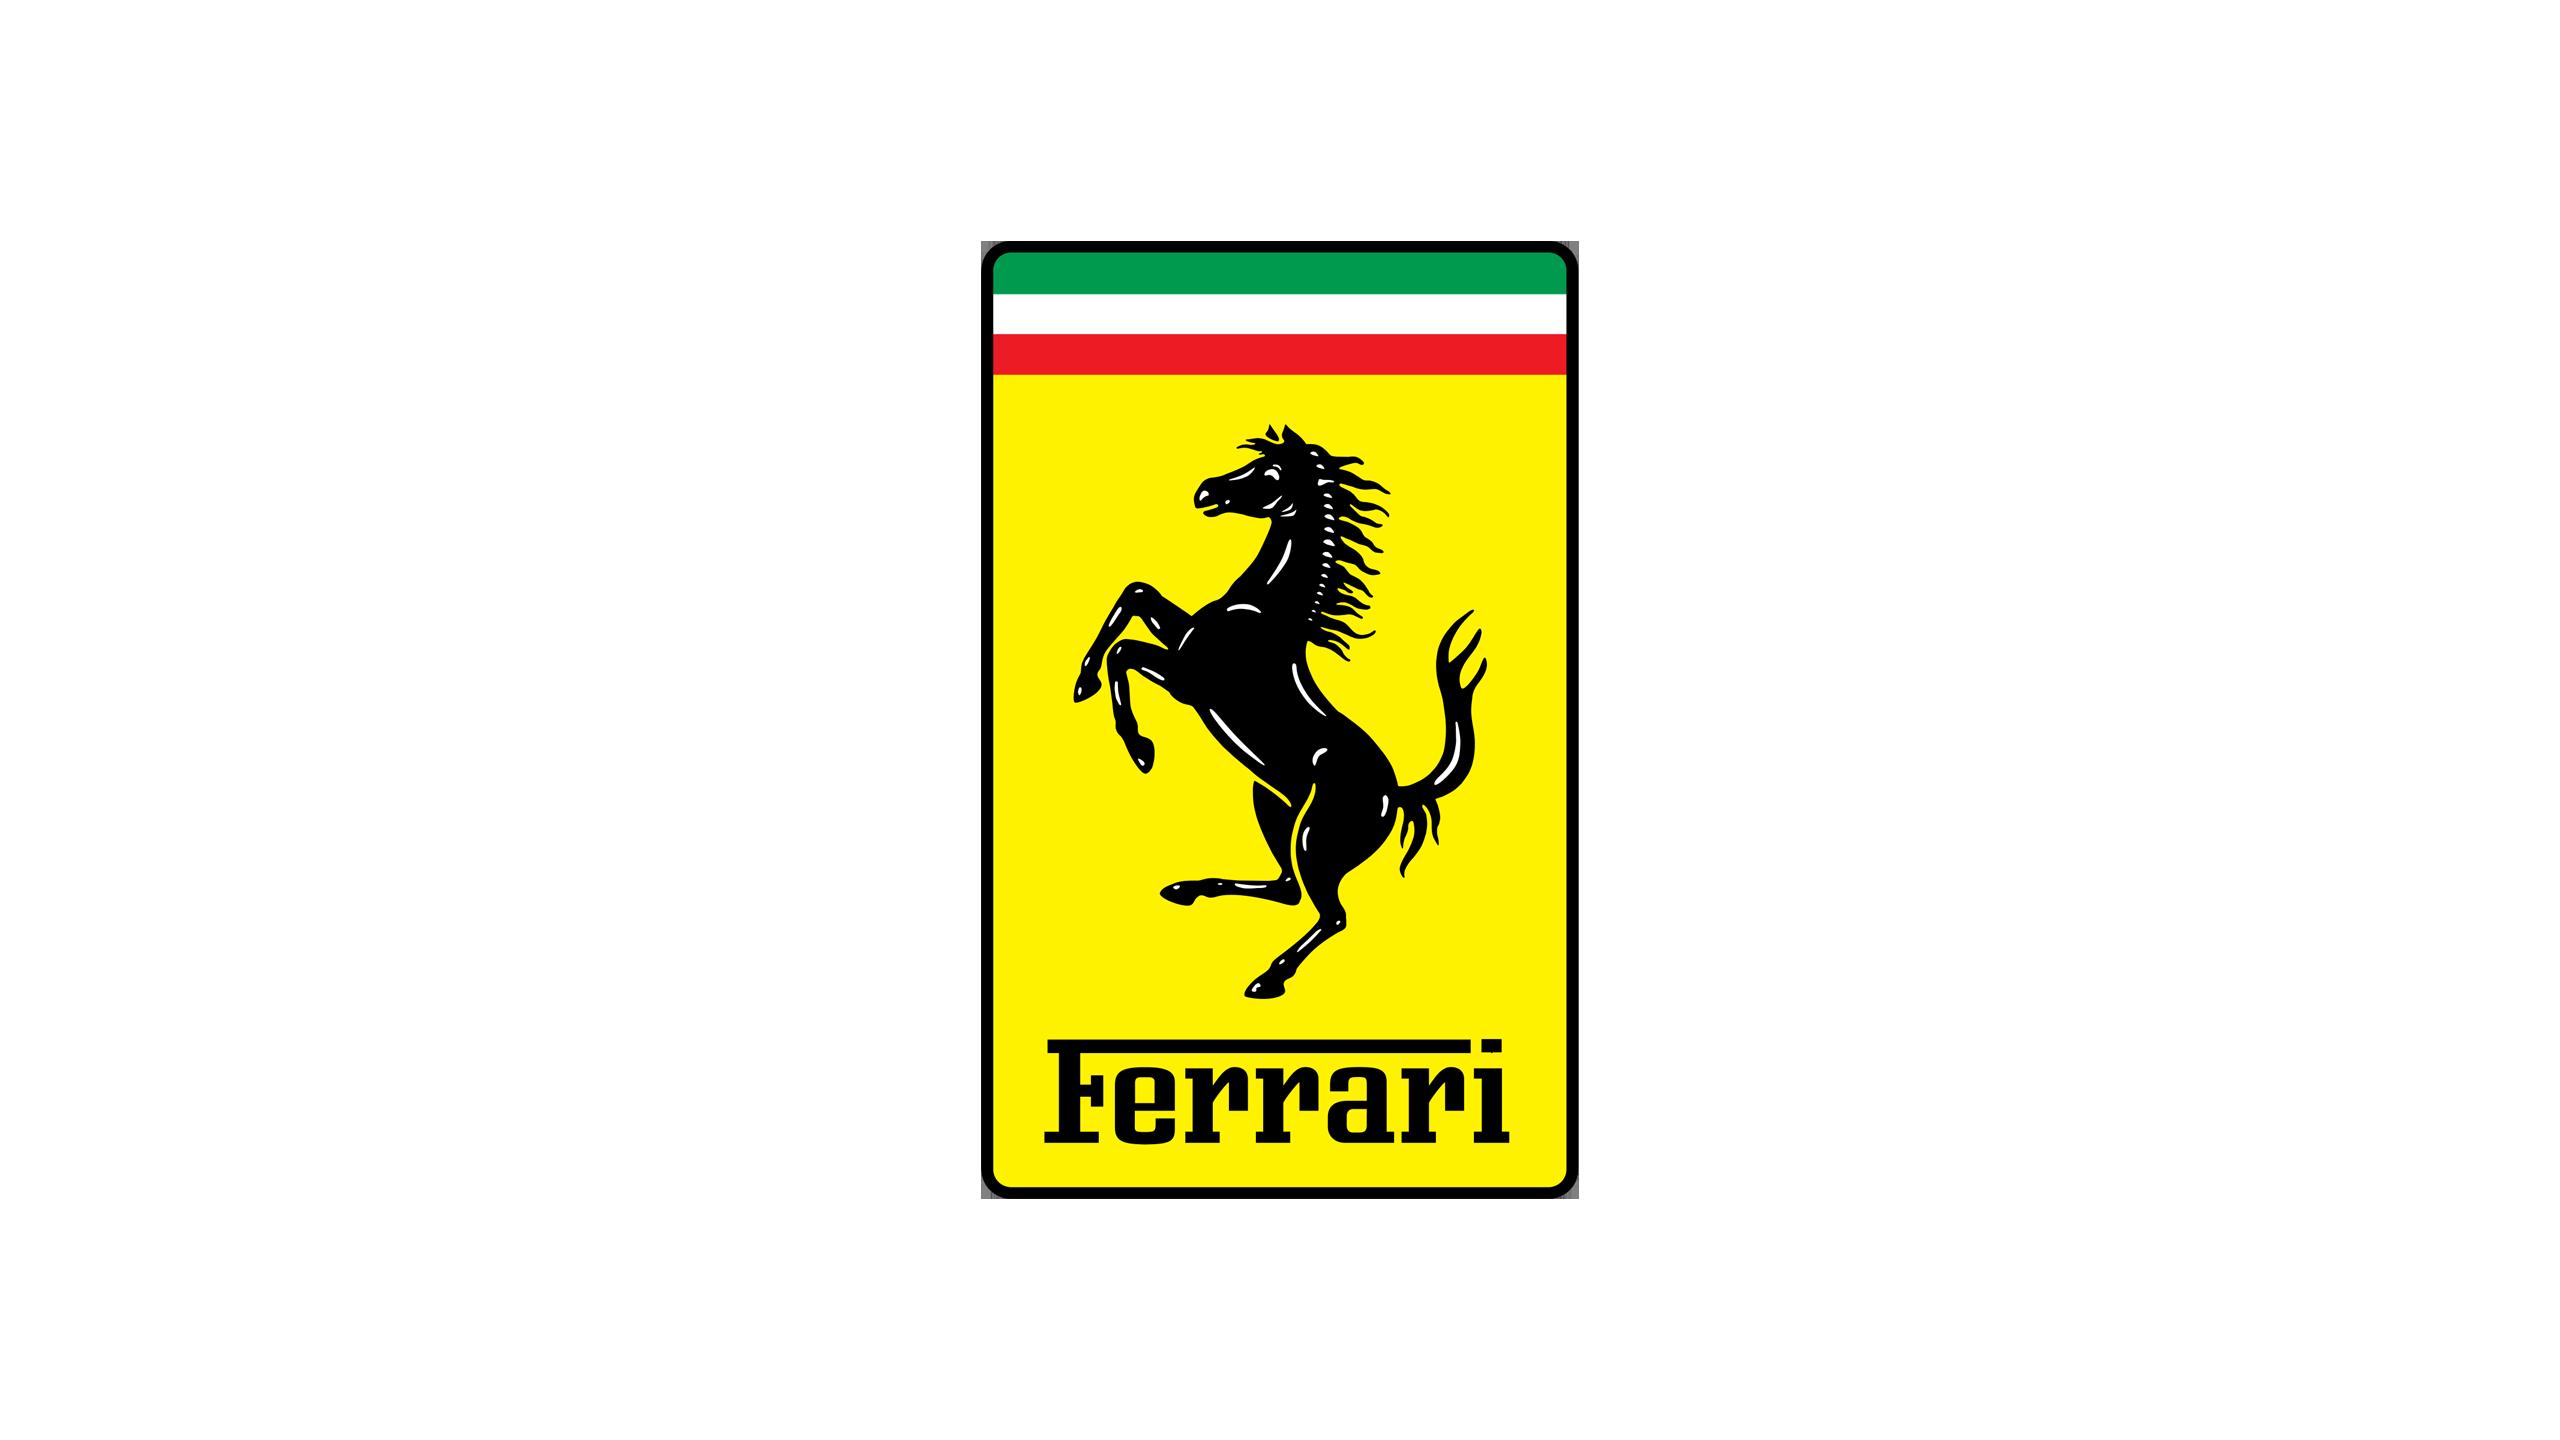 Ferrari-logo-2560x1440